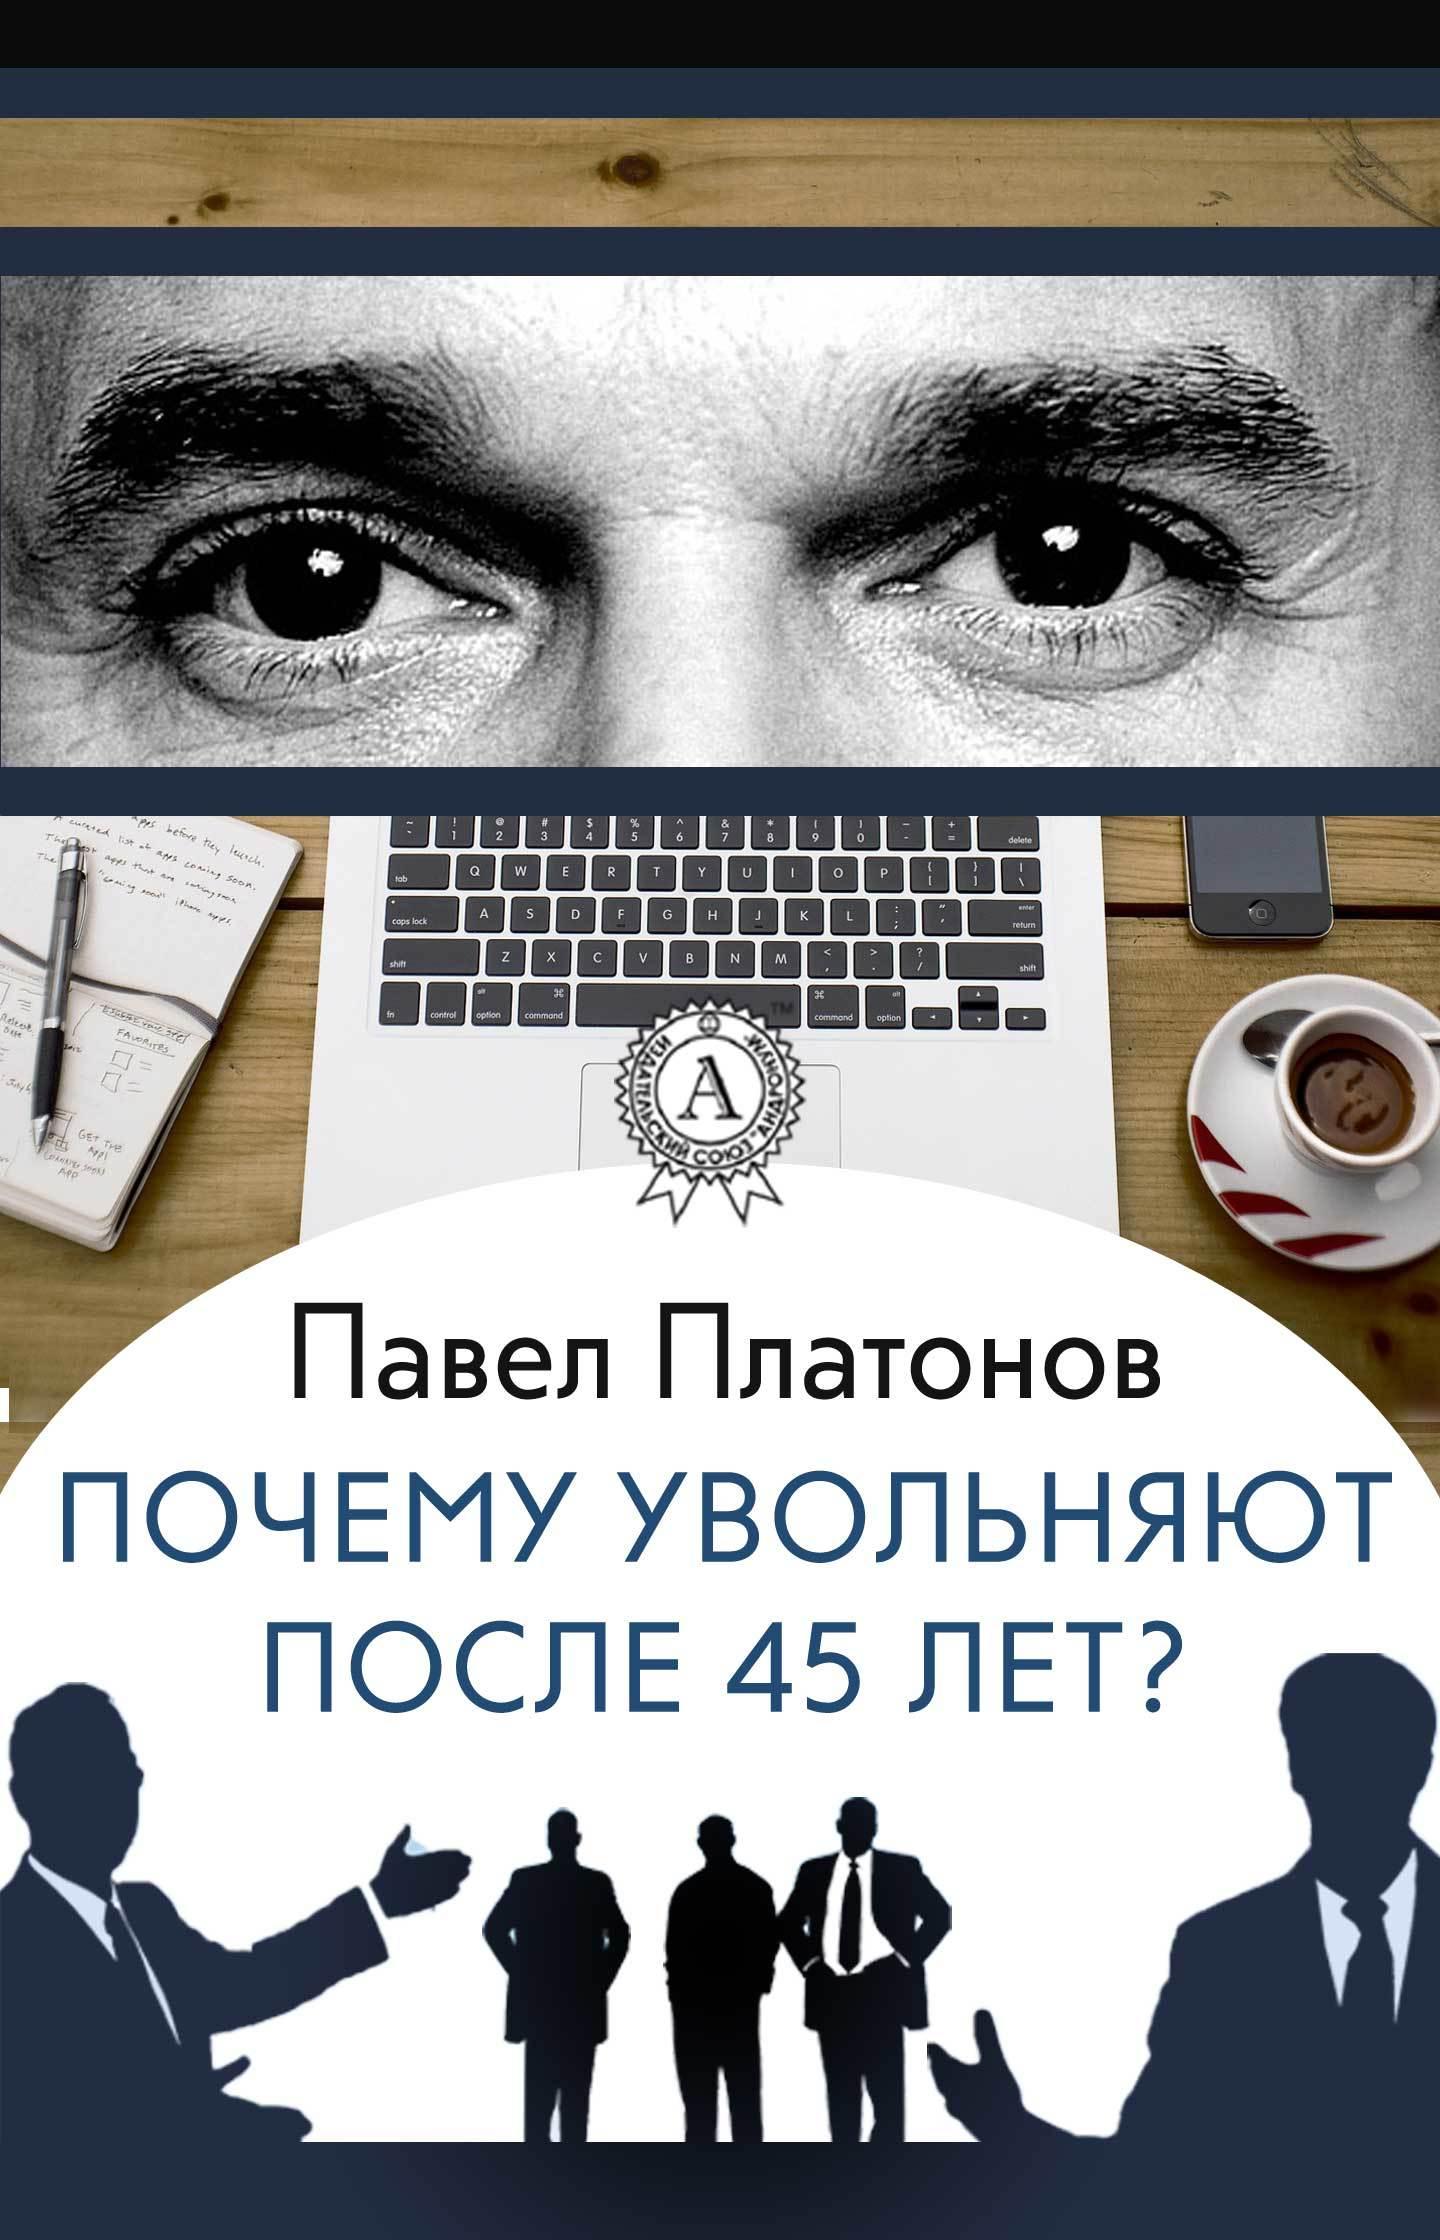 Павел Платонов бесплатно